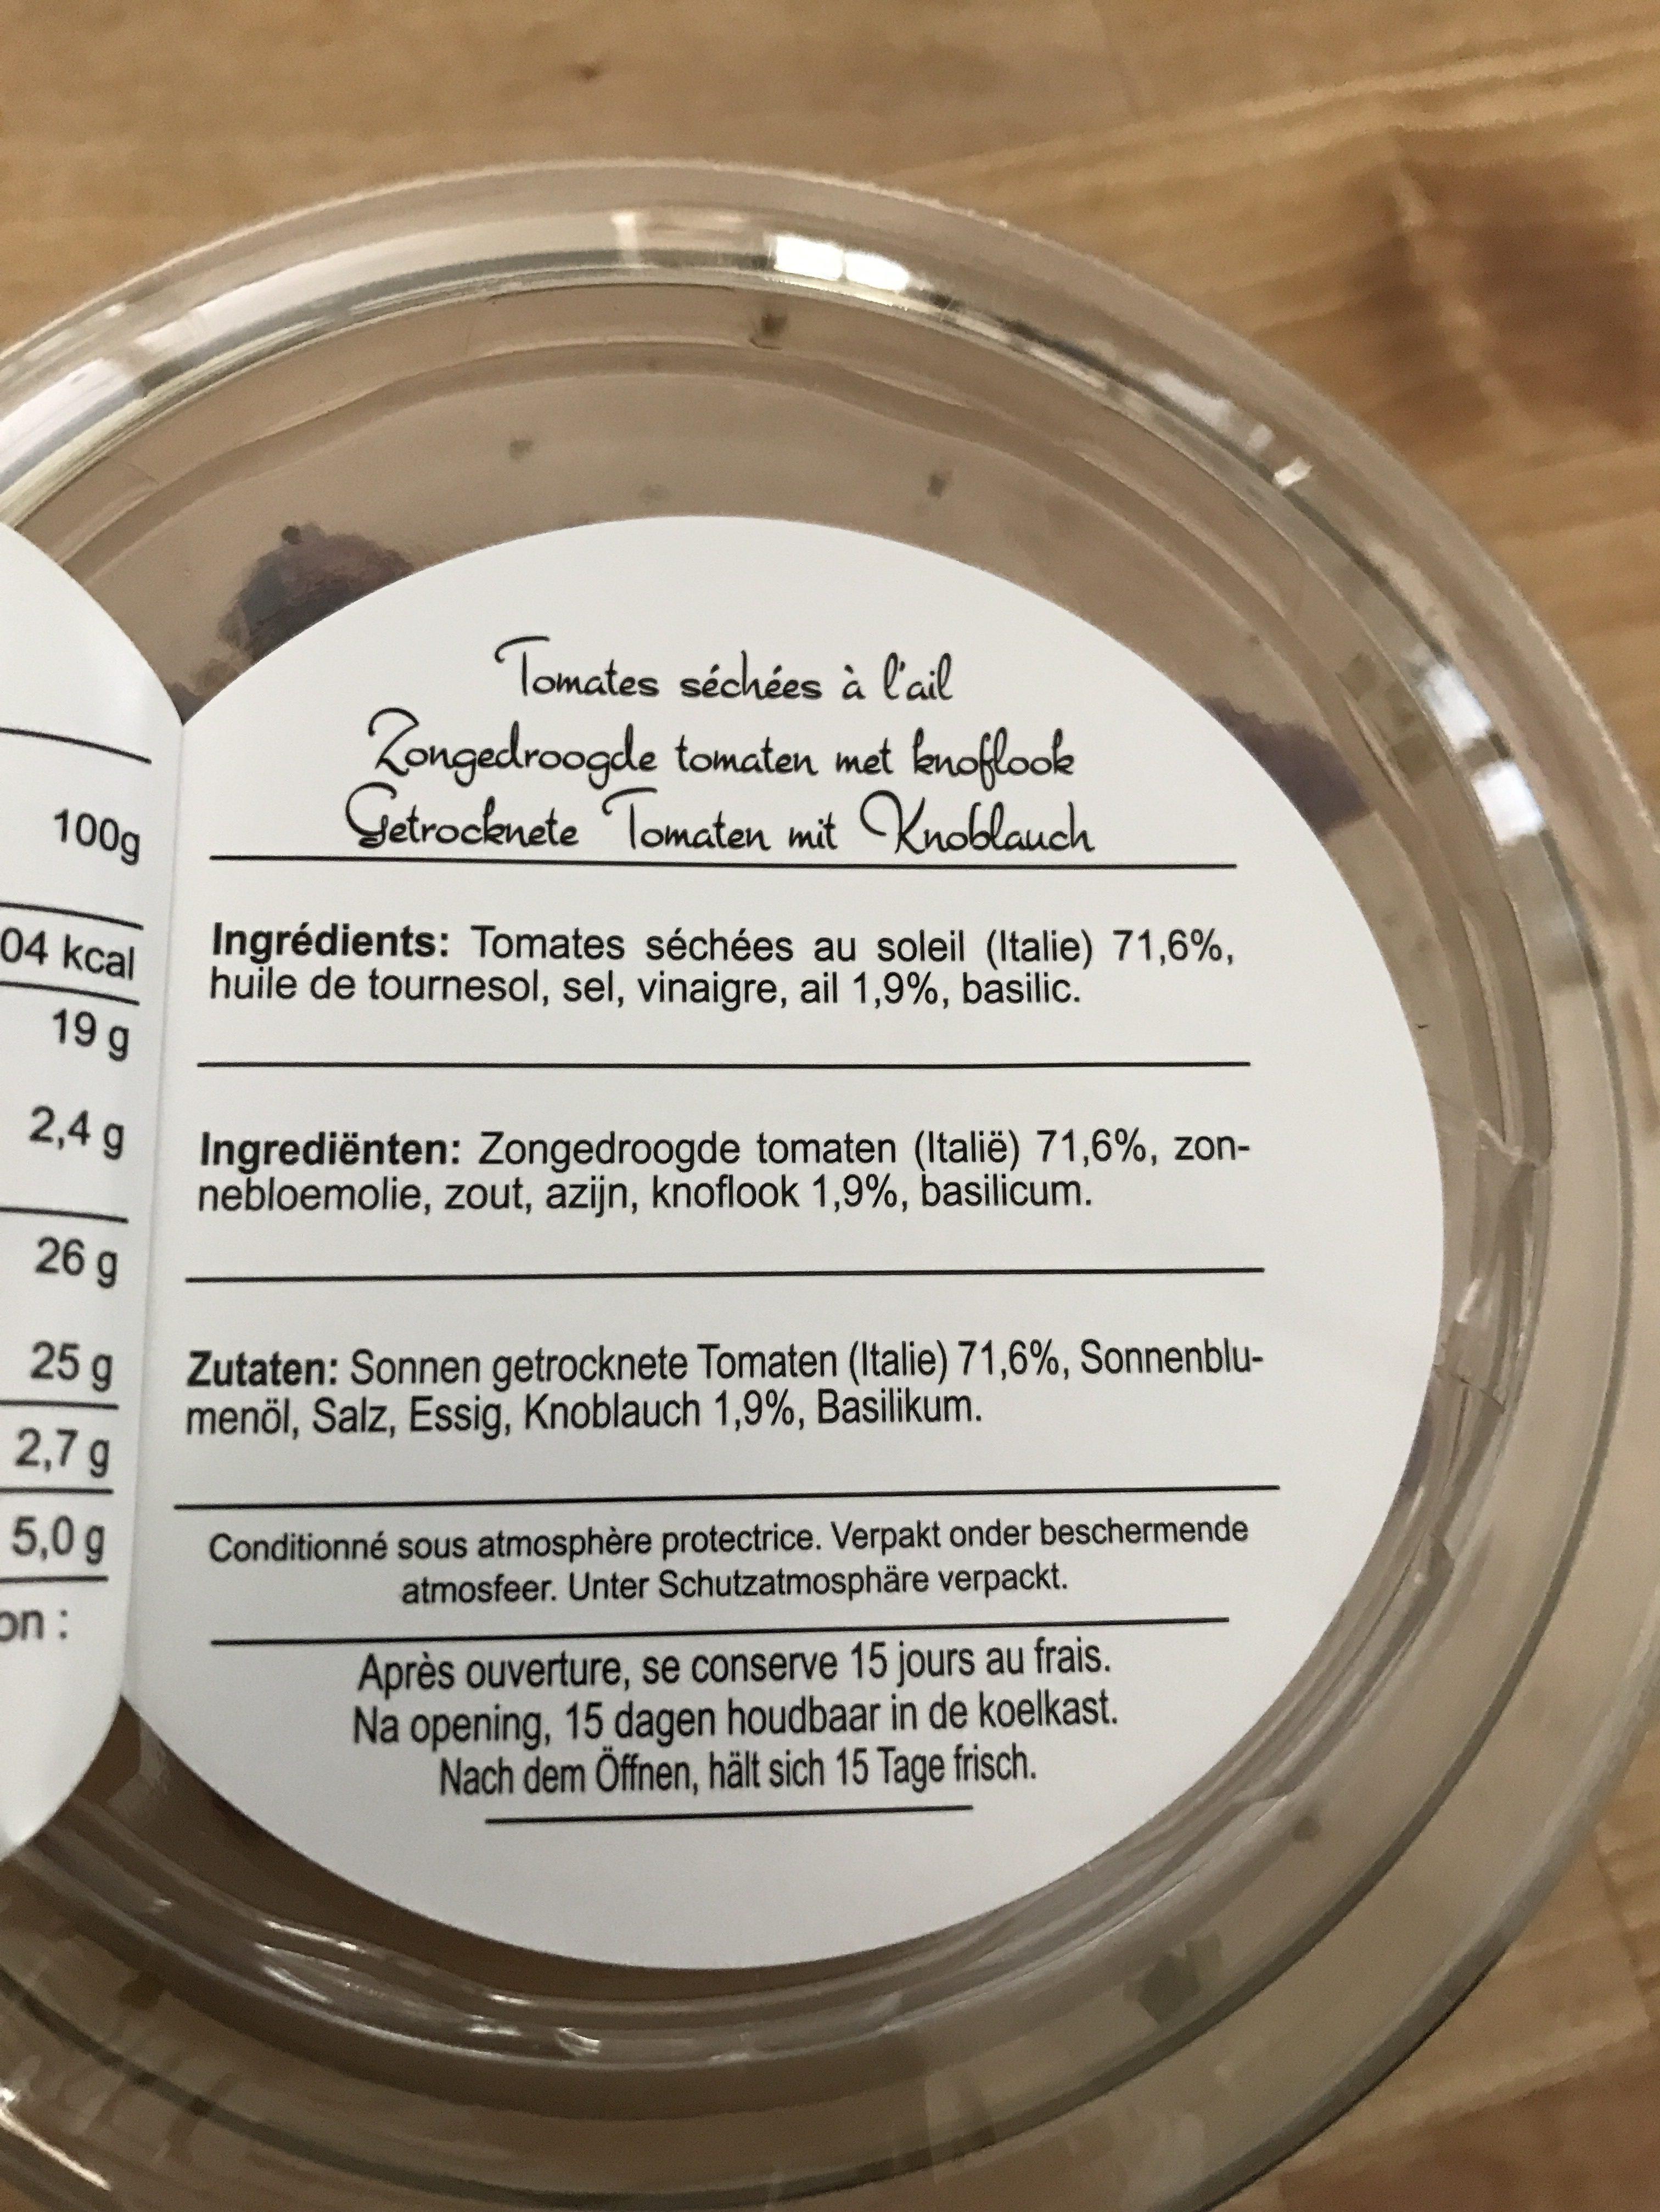 Tomates séchées à l'ail - Ingredients - fr